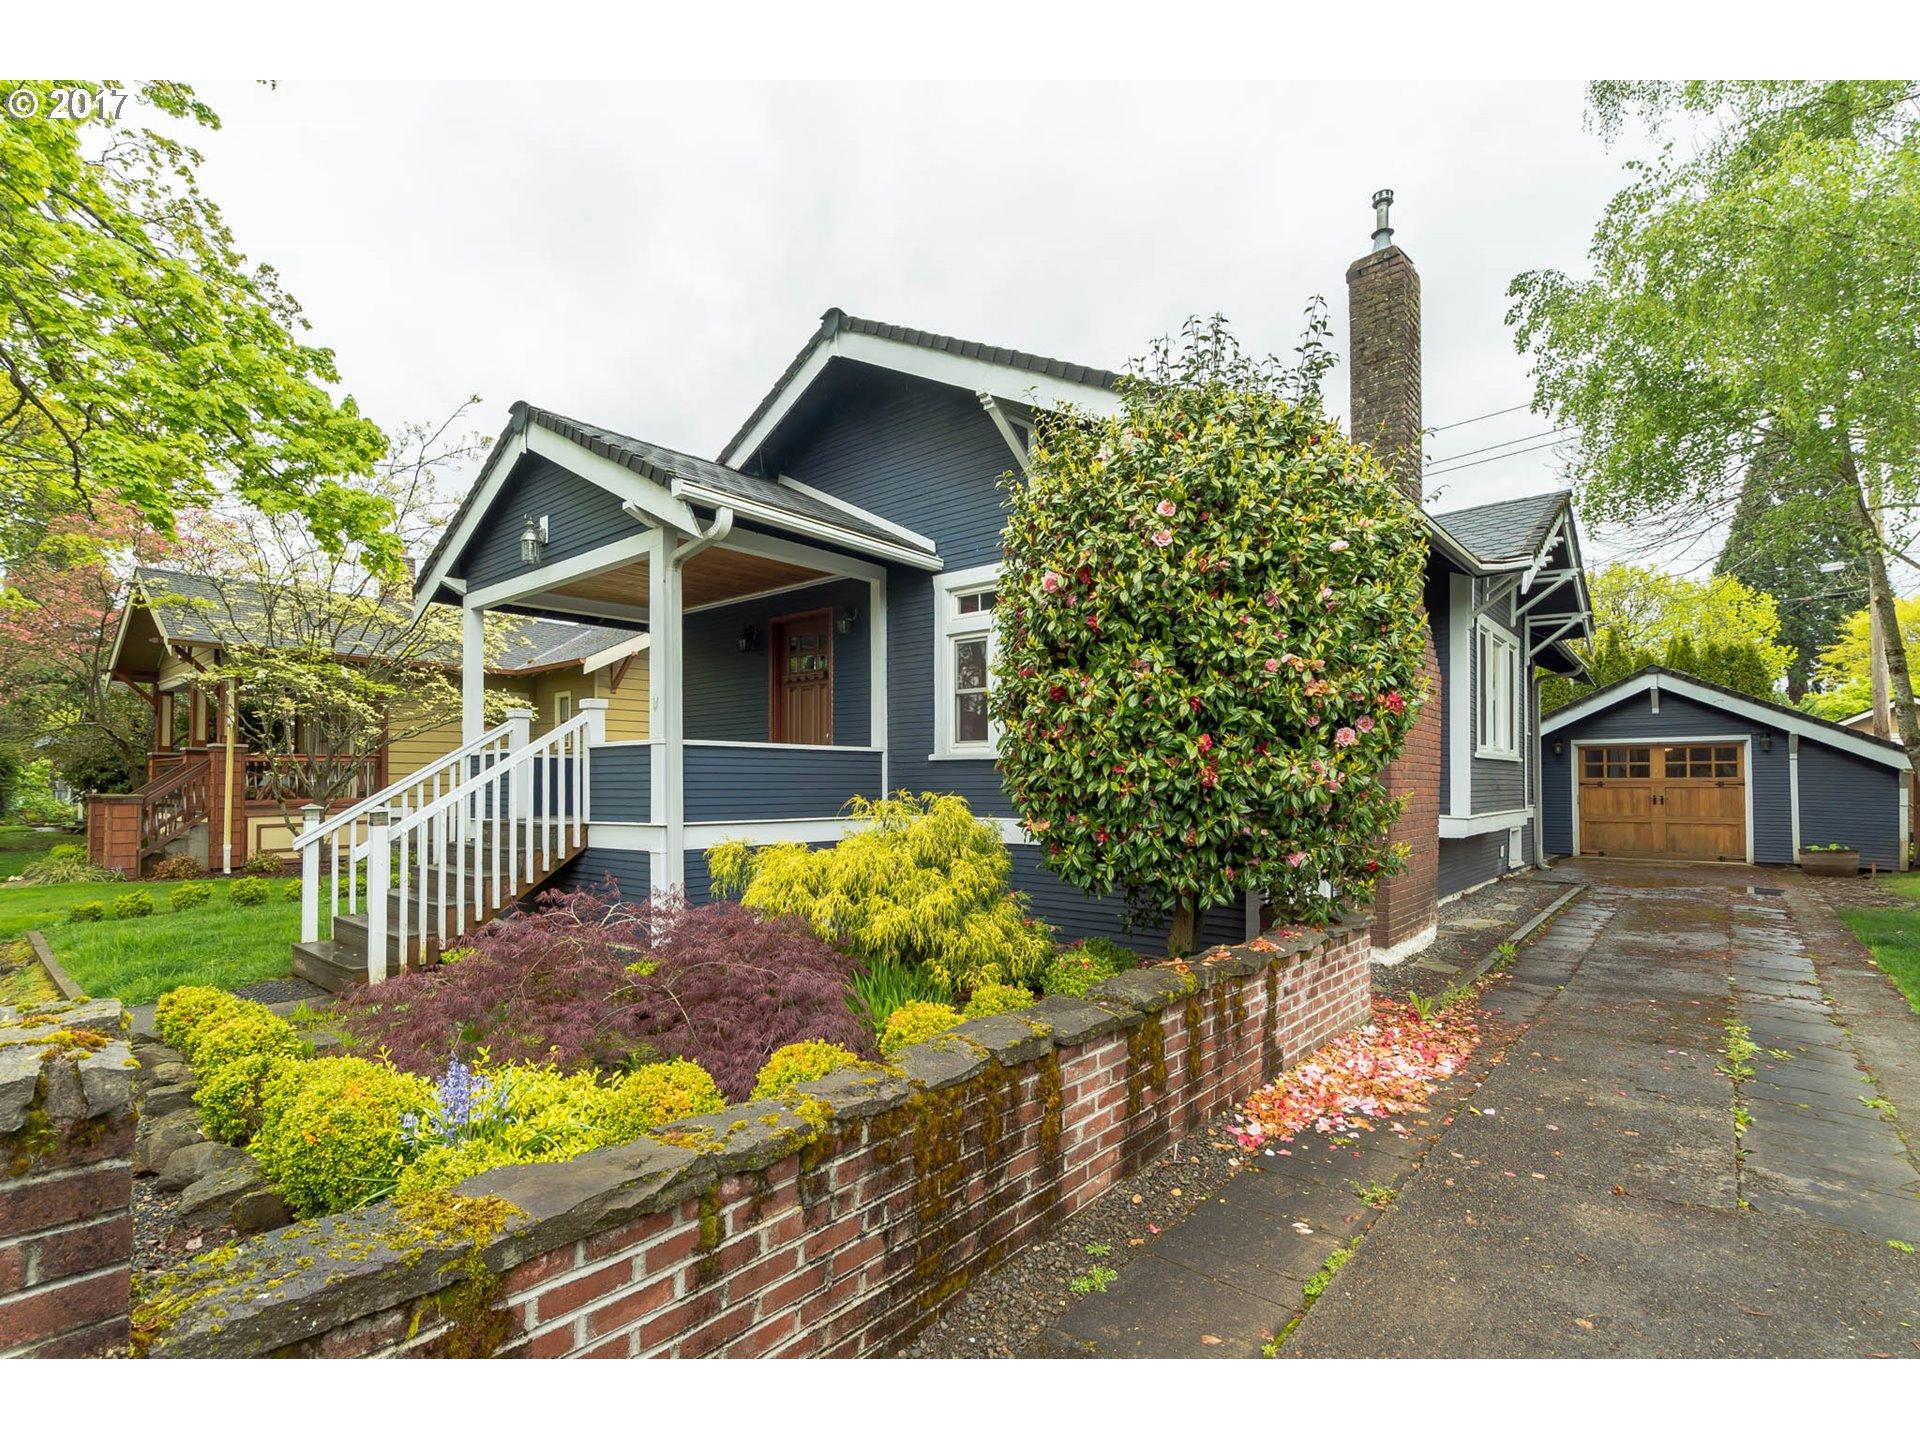 408 W 24TH ST, Vancouver, WA 98660